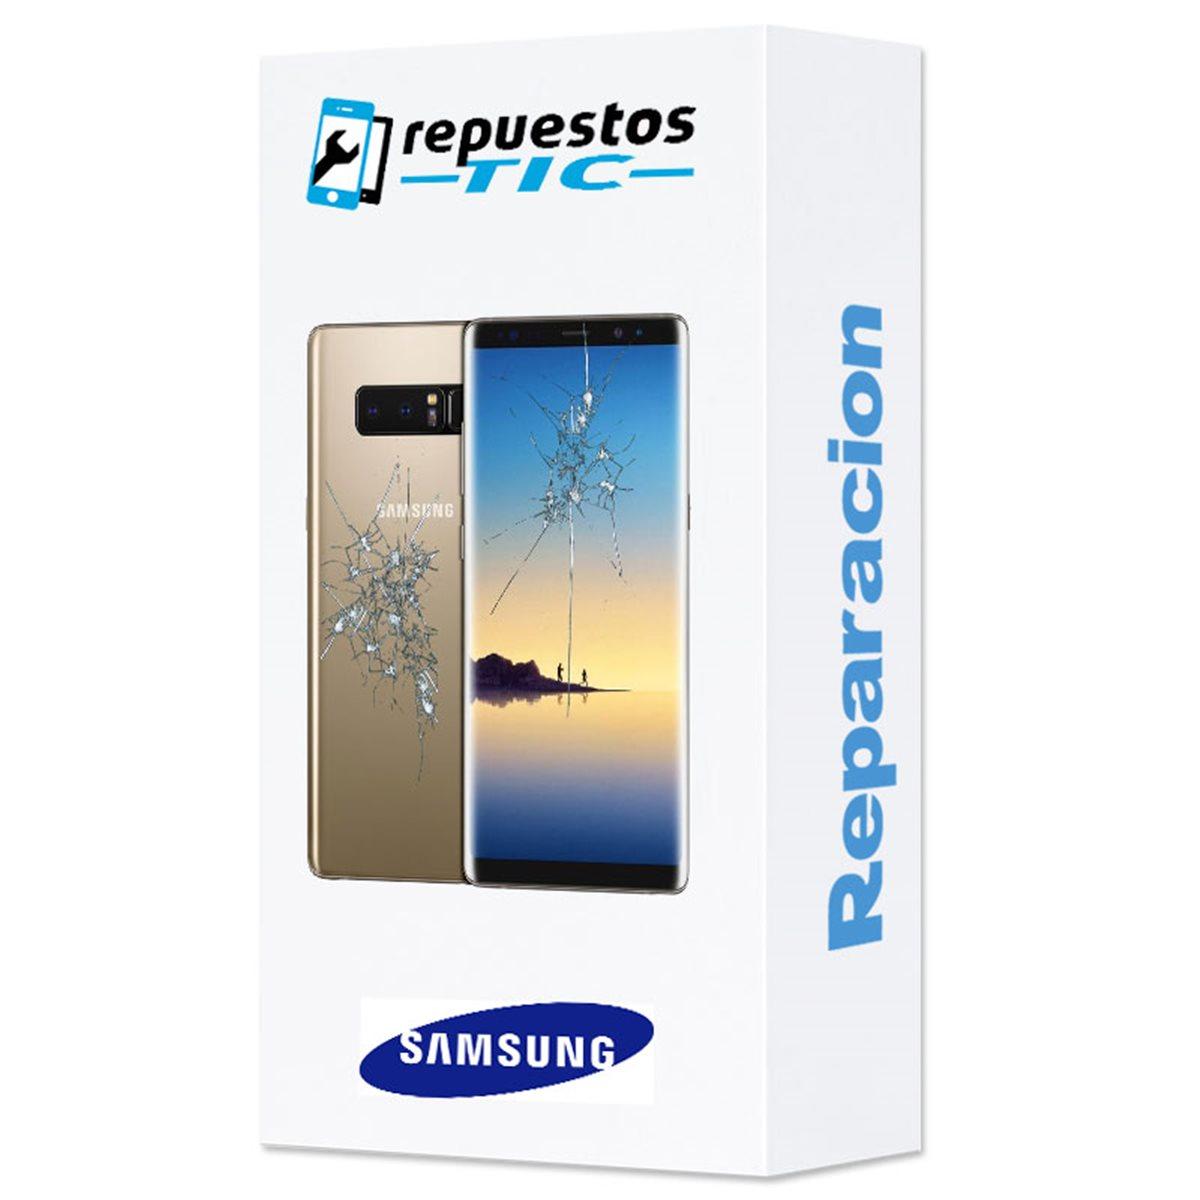 Reparacion pantalla (solo cristal) + tapa trasera Samsung Galaxy Note 8 N950F